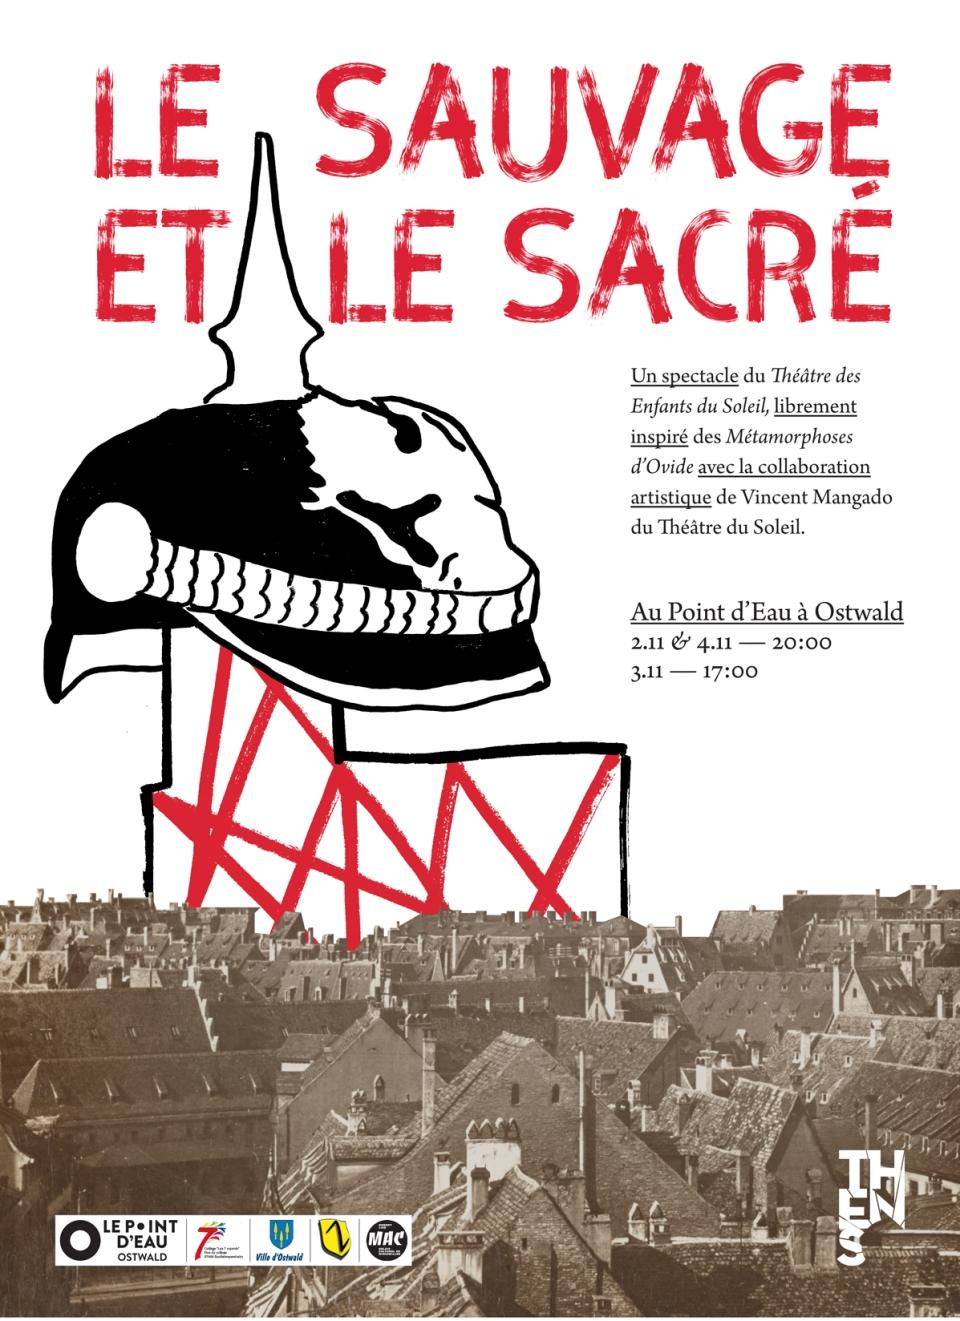 2019_Sauvage_Sacre_Affiche réduite.jpg